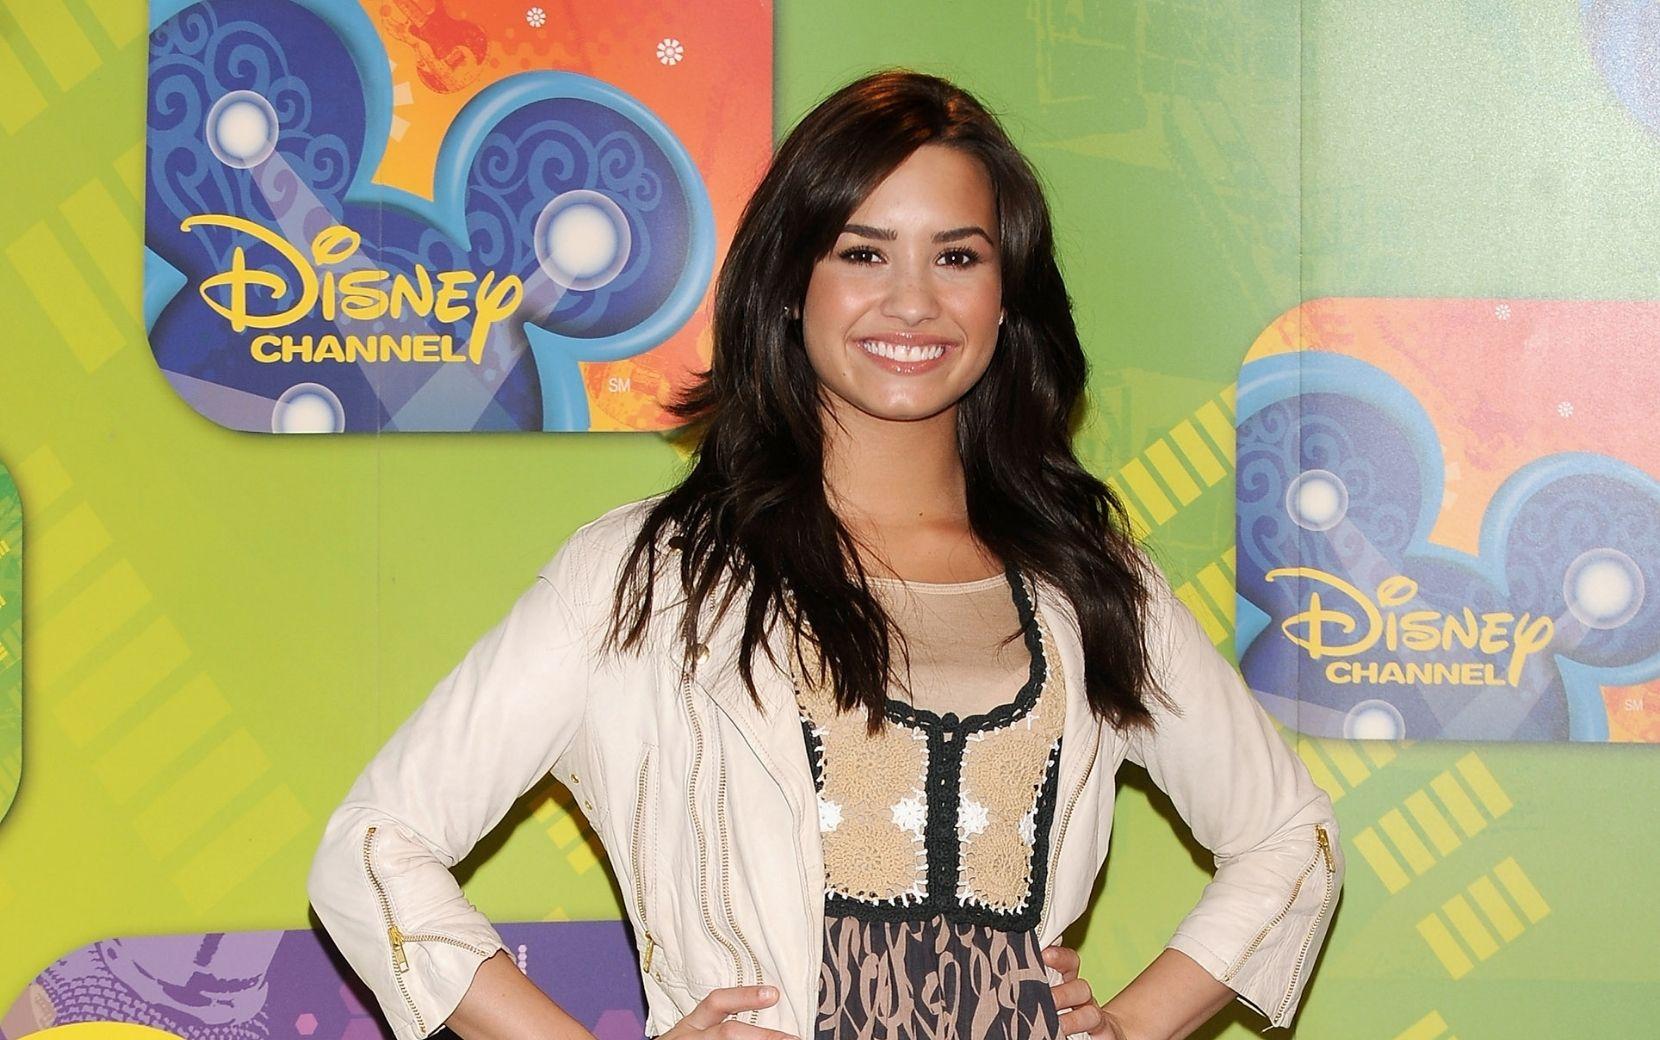 Demi Lovato revela ter sofrido violência sexual em trabalho para Disney, após denúncia o agressor ficou impune